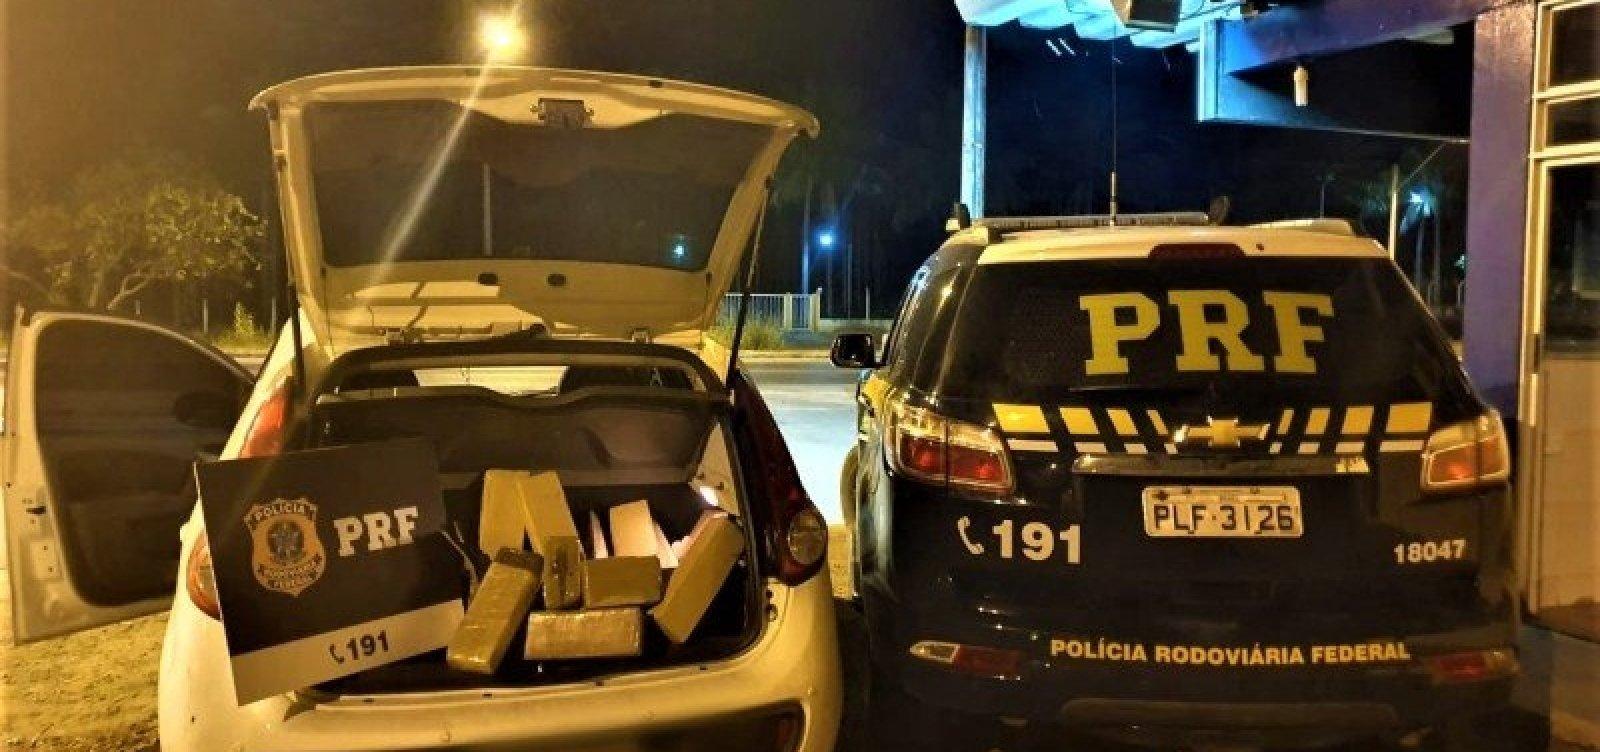 Dupla é presa com 30 kg de maconha após fugir de abordagem policial